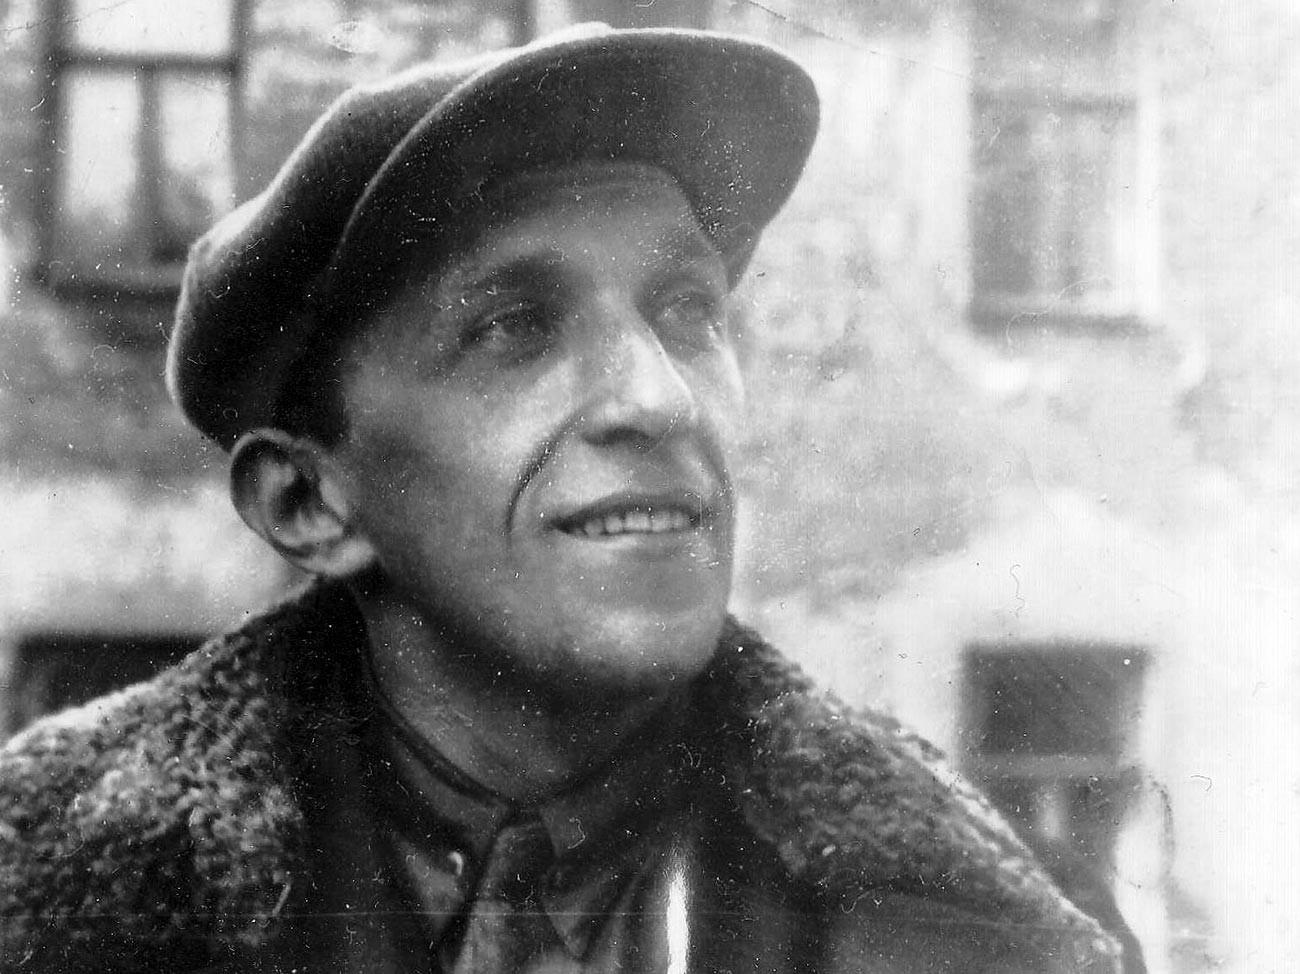 Jakov Serebrjanski